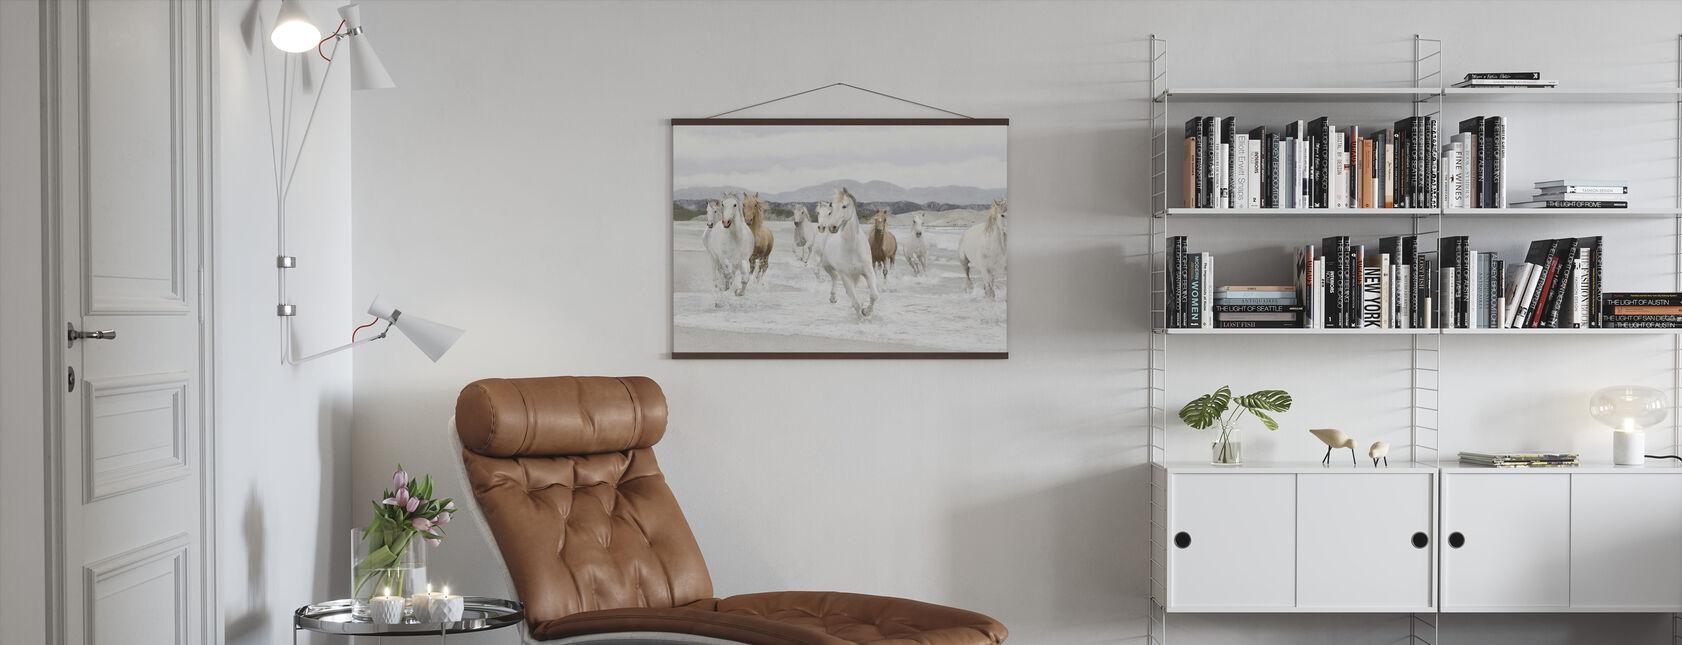 Wildpferde - Poster - Wohnzimmer